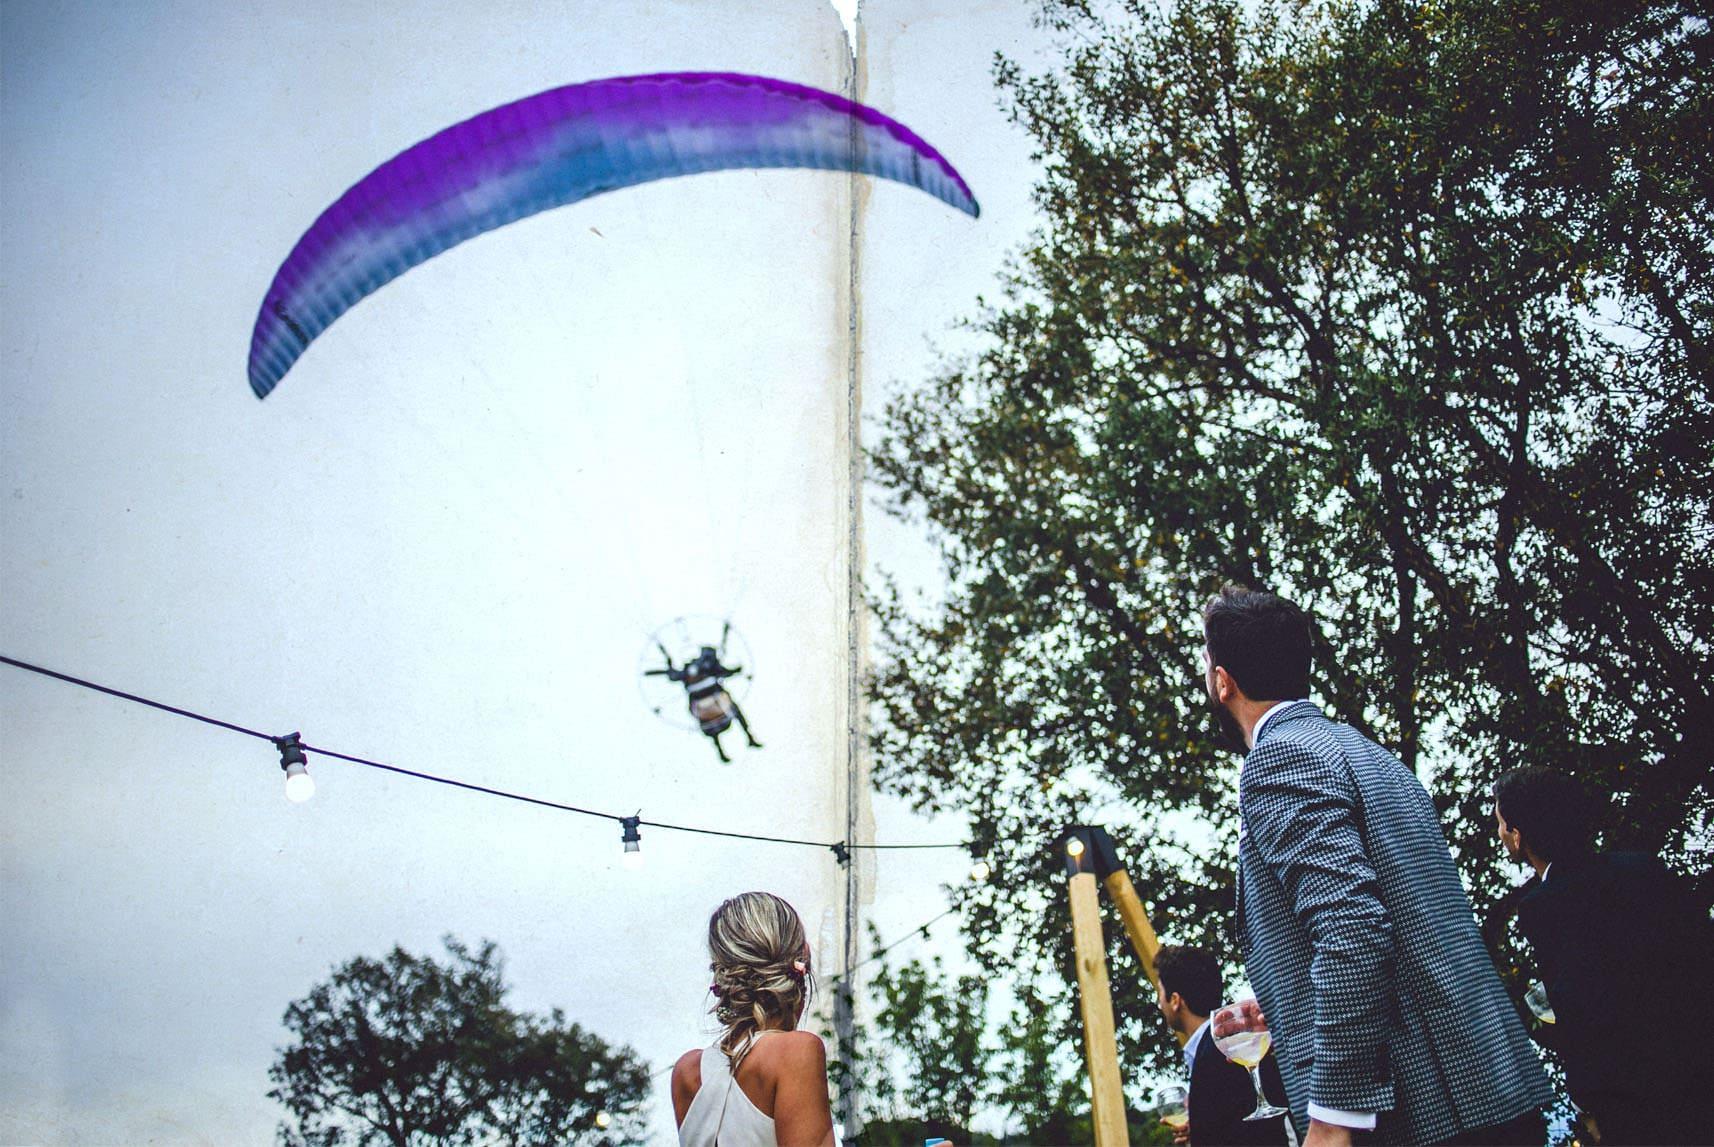 parapente sobrevuela la boda en españa